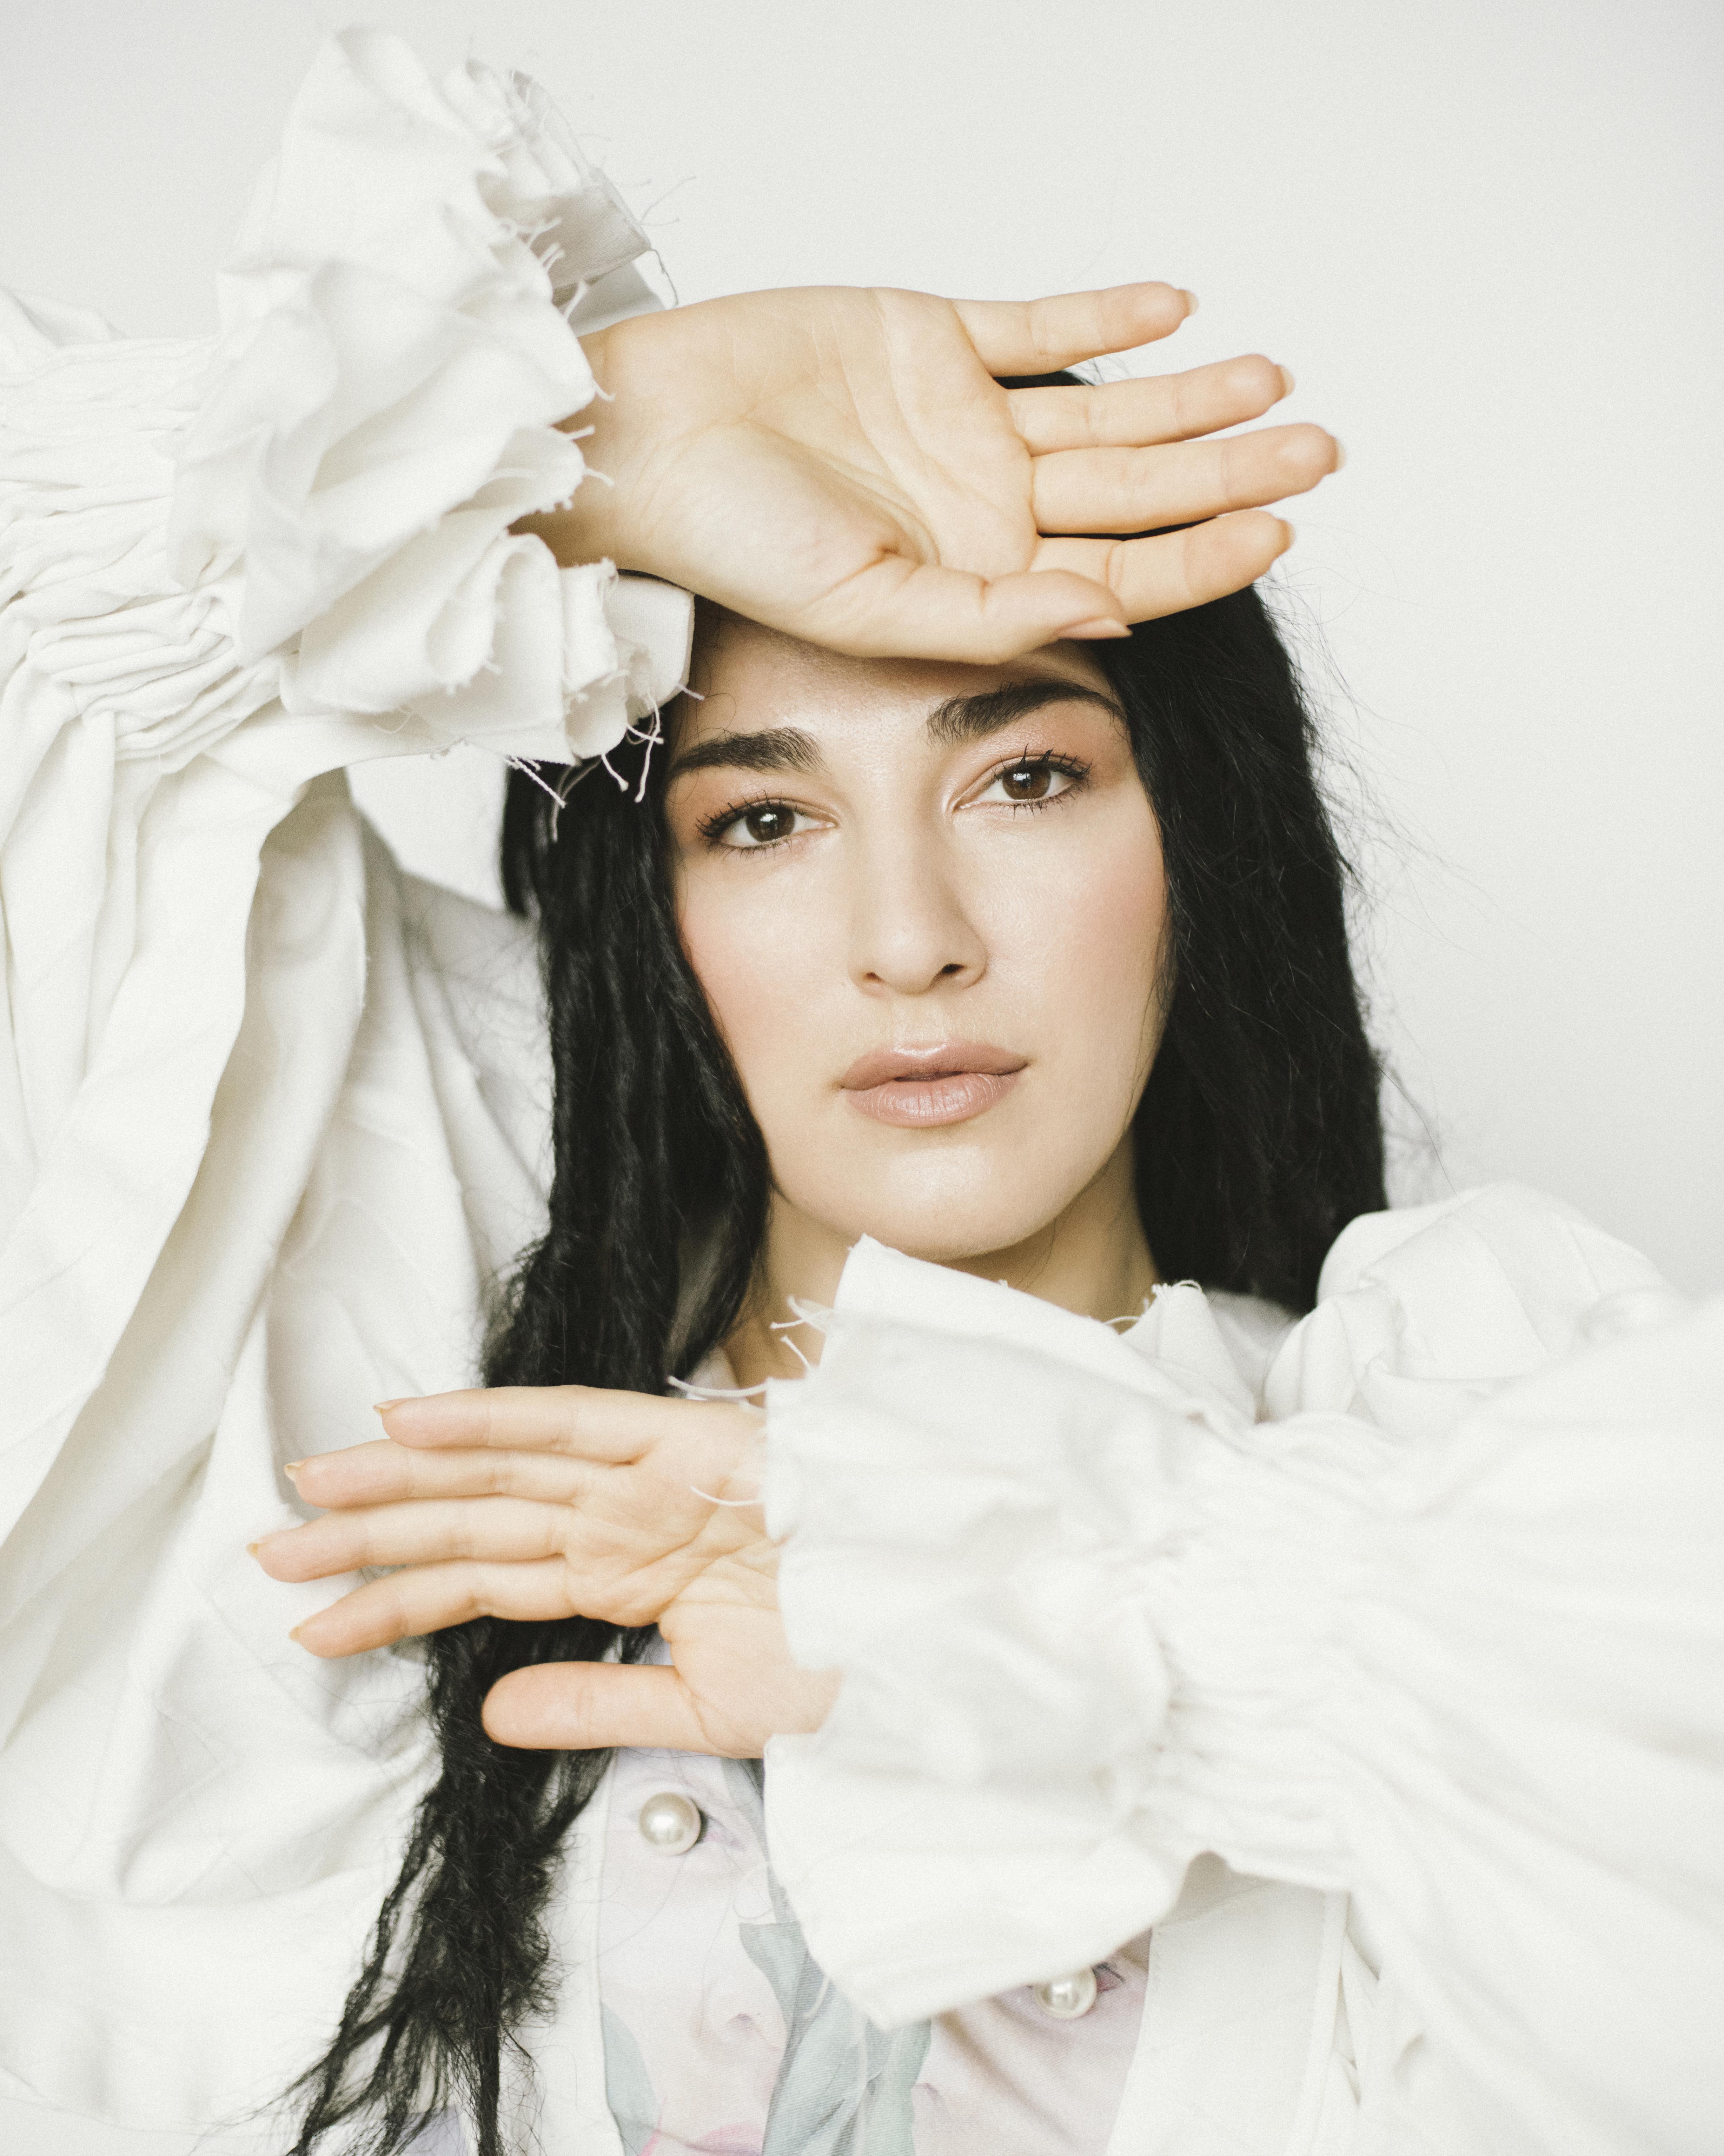 Певица LAURA MARTI  выпустила новый альбом «Все буде добре!»-Фото 2